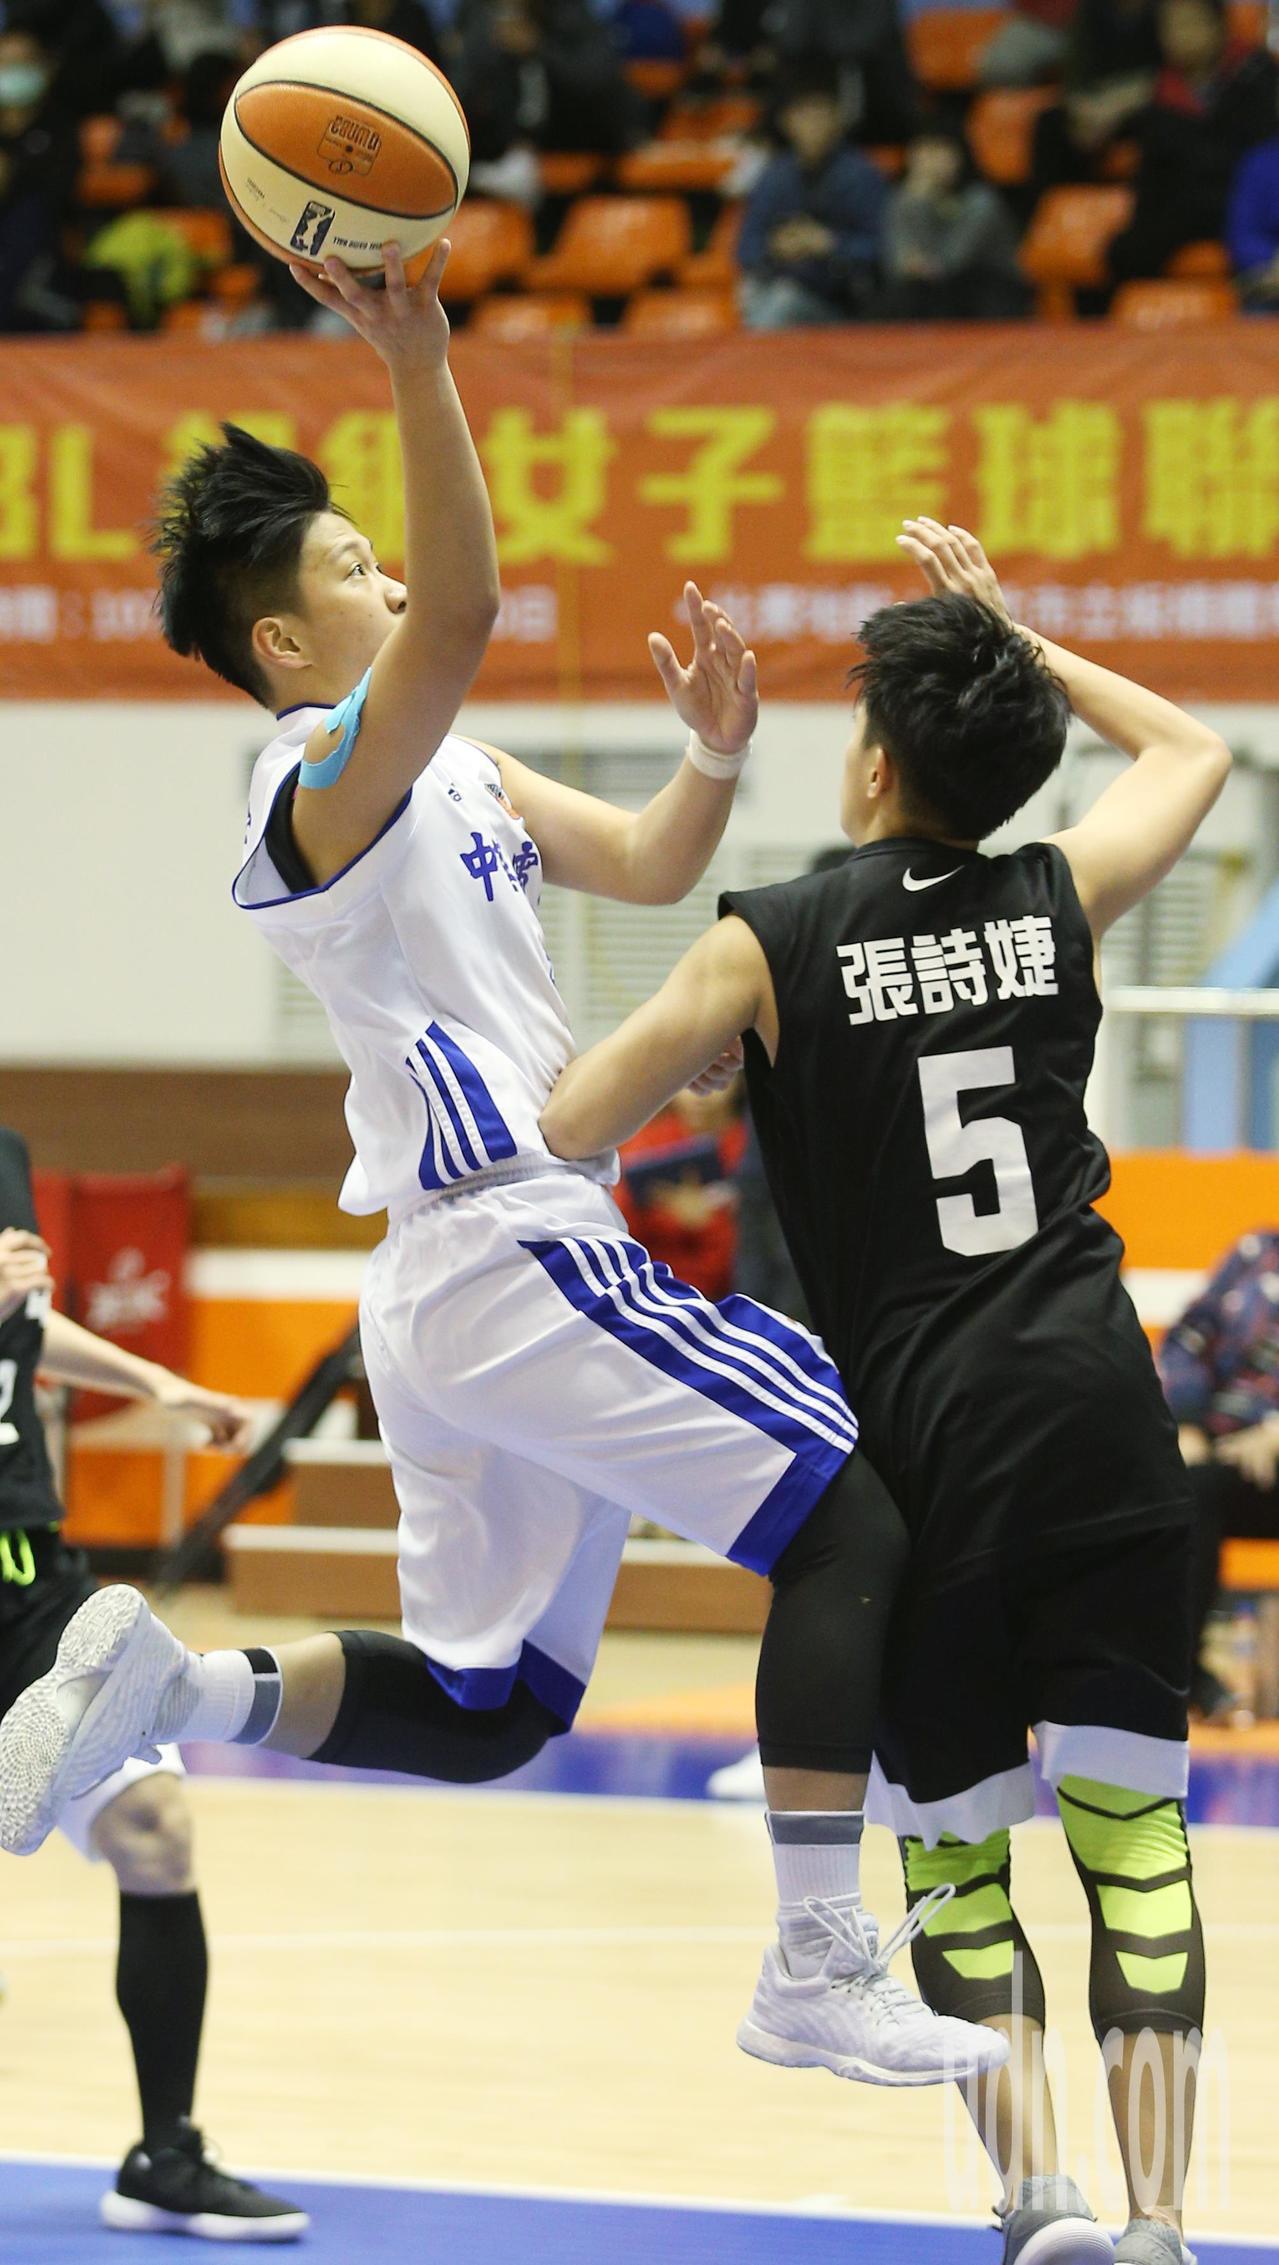 WSBL /中華電信對台電,中華電信陳晏宇(左)快步跳投得分。記者陳正興/攝影